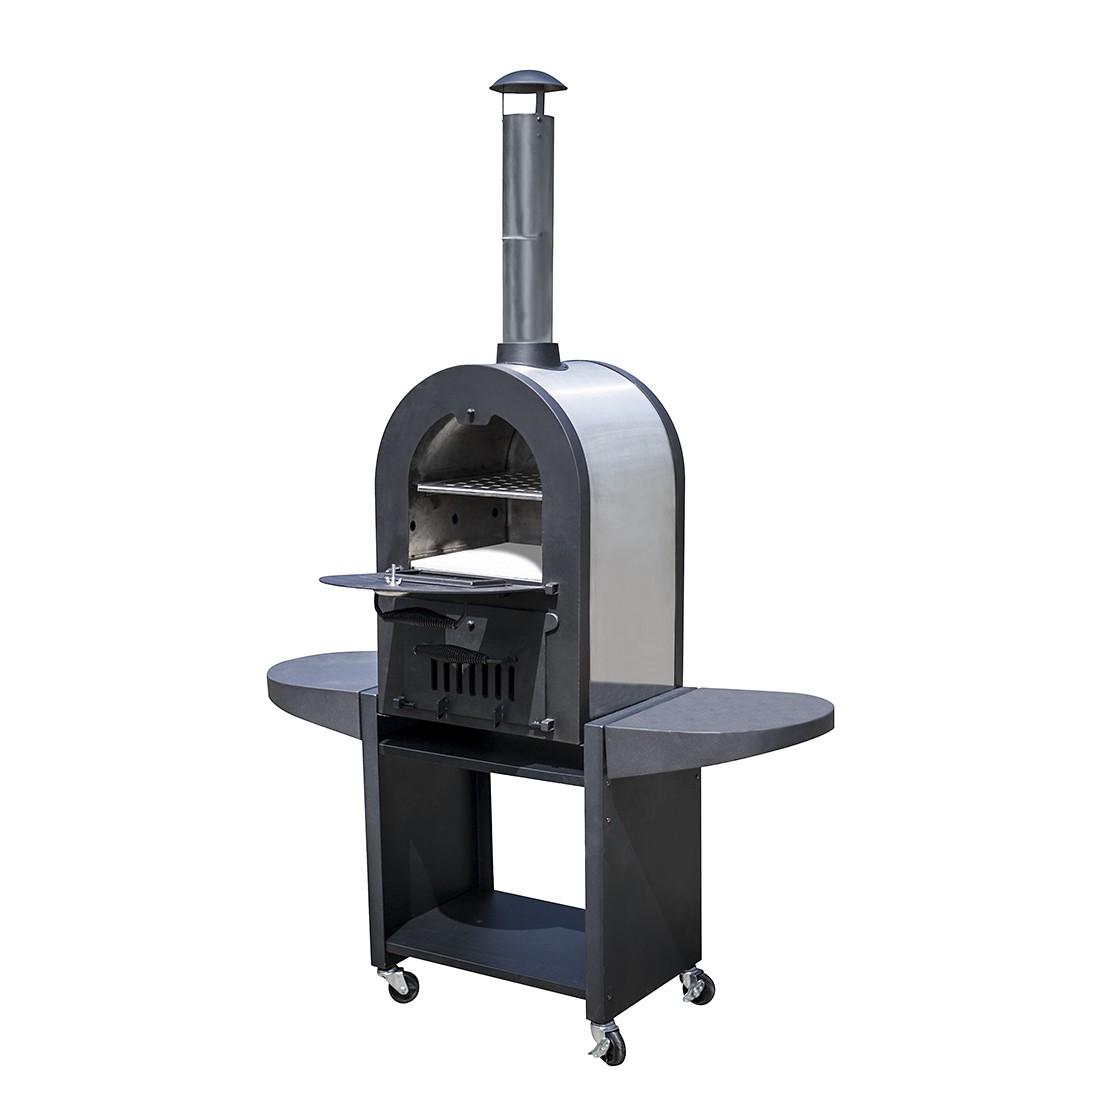 pizzastein cordierit preisvergleiche erfahrungsberichte und kauf bei nextag. Black Bedroom Furniture Sets. Home Design Ideas